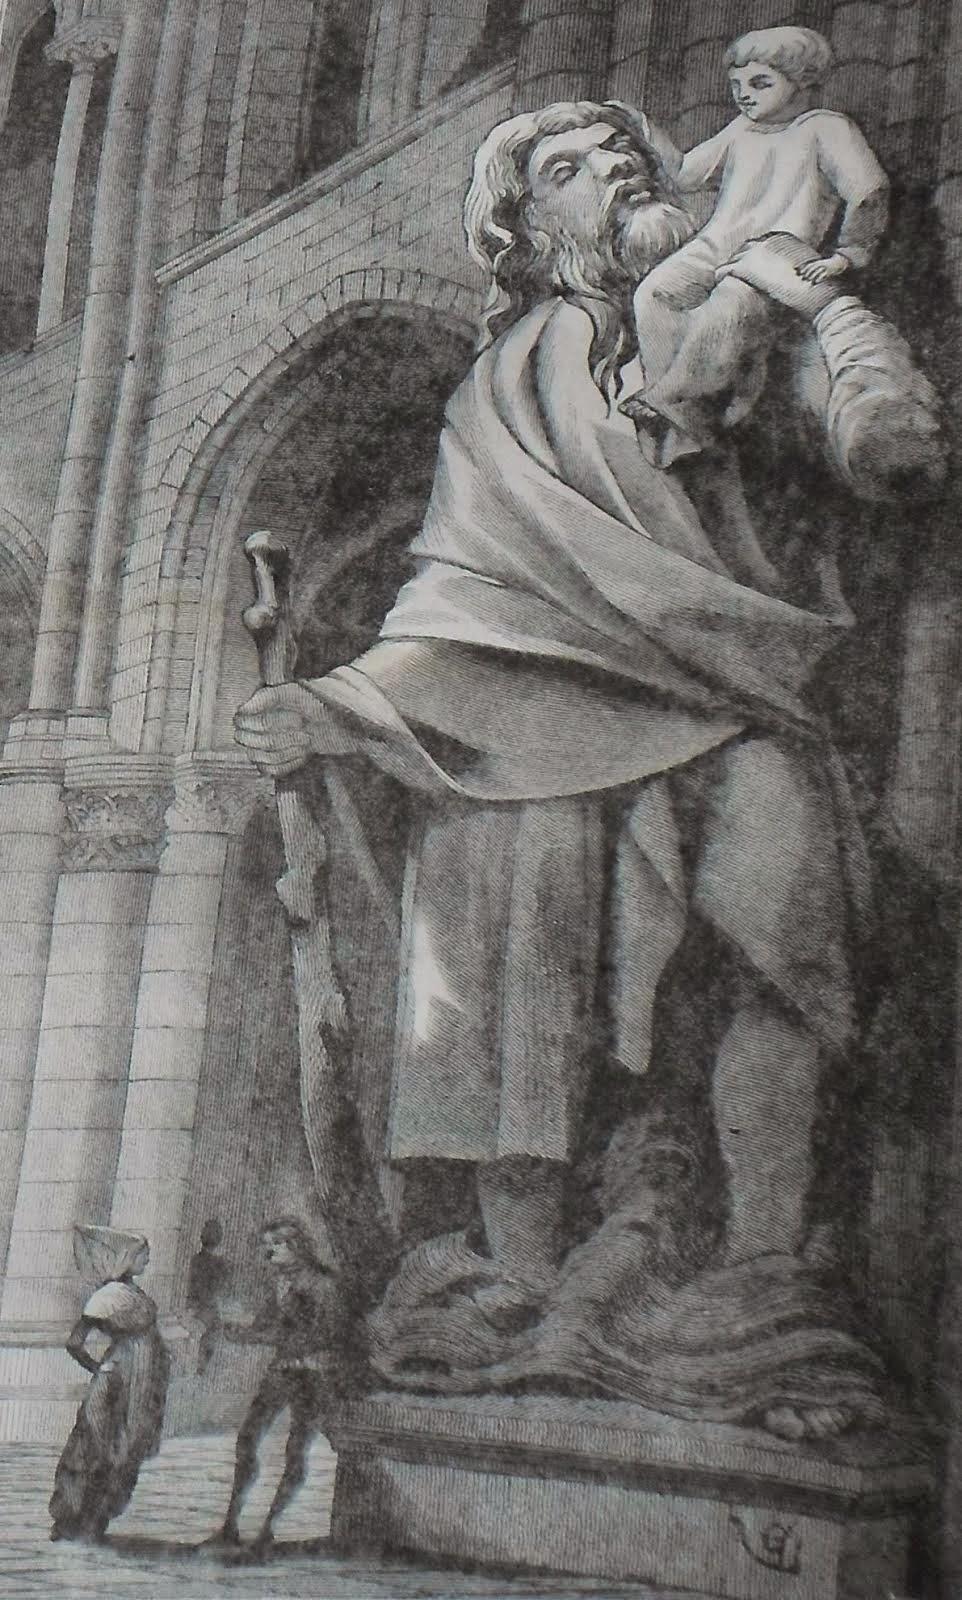 Le colosse de Notre Dame de Paris